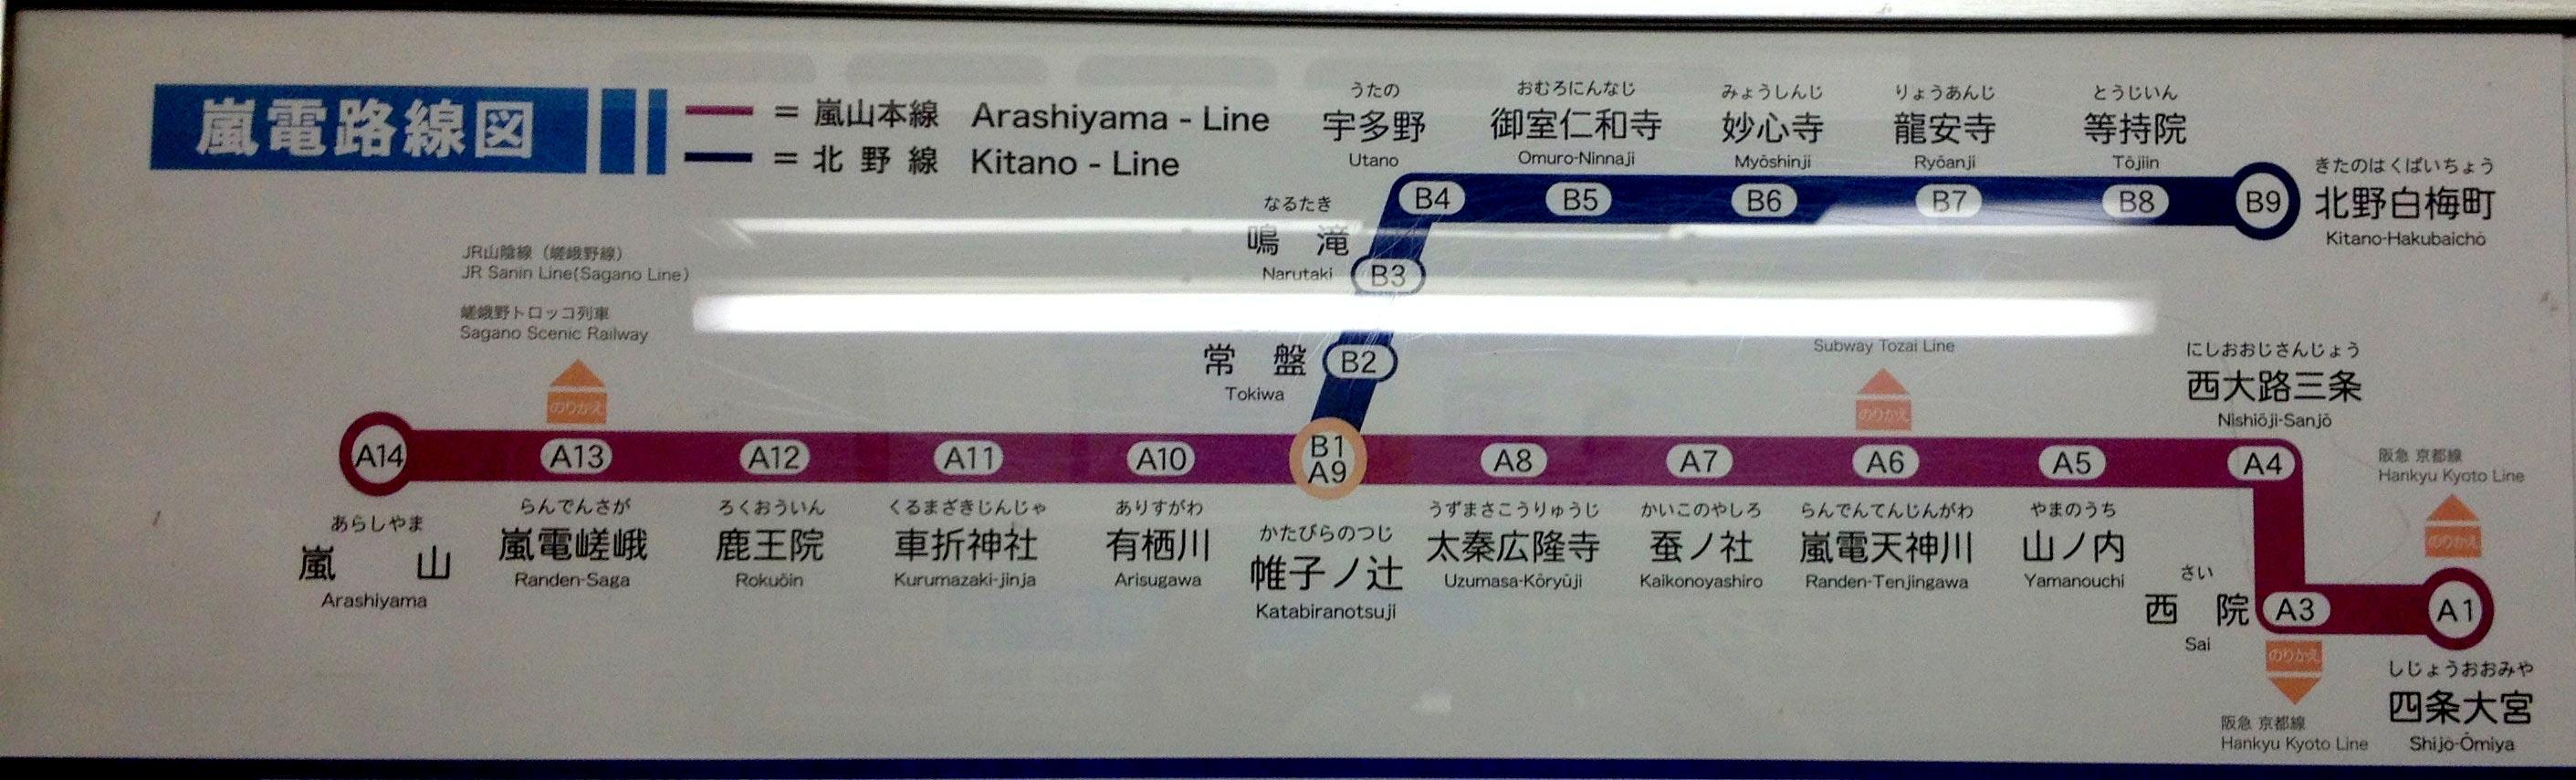 tren-arashiyama